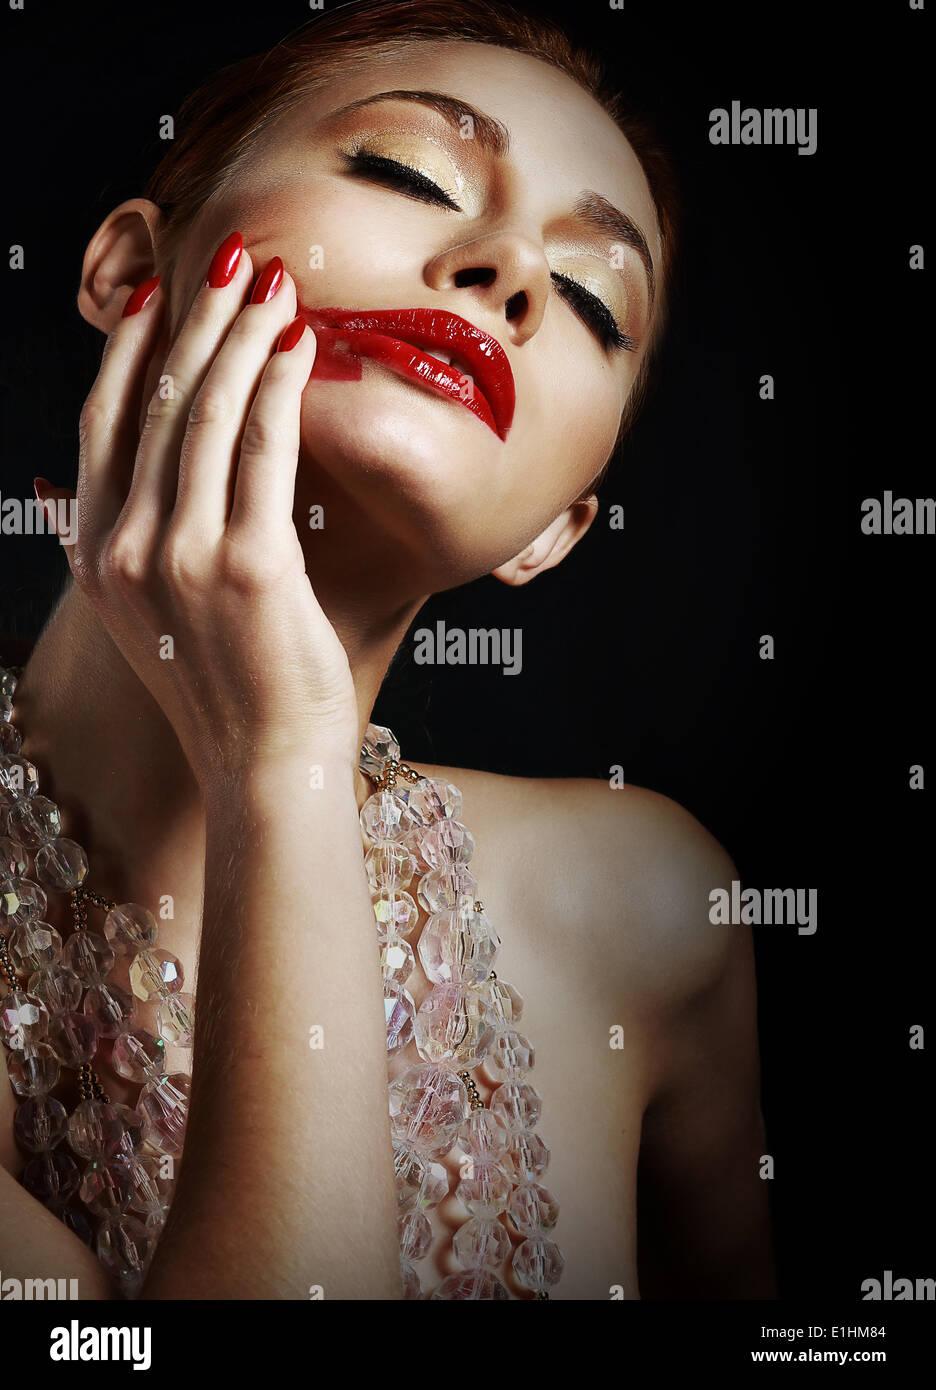 Frau mit verschmierten roten Lippenstift auf schwarzen Hintergrund Stockbild